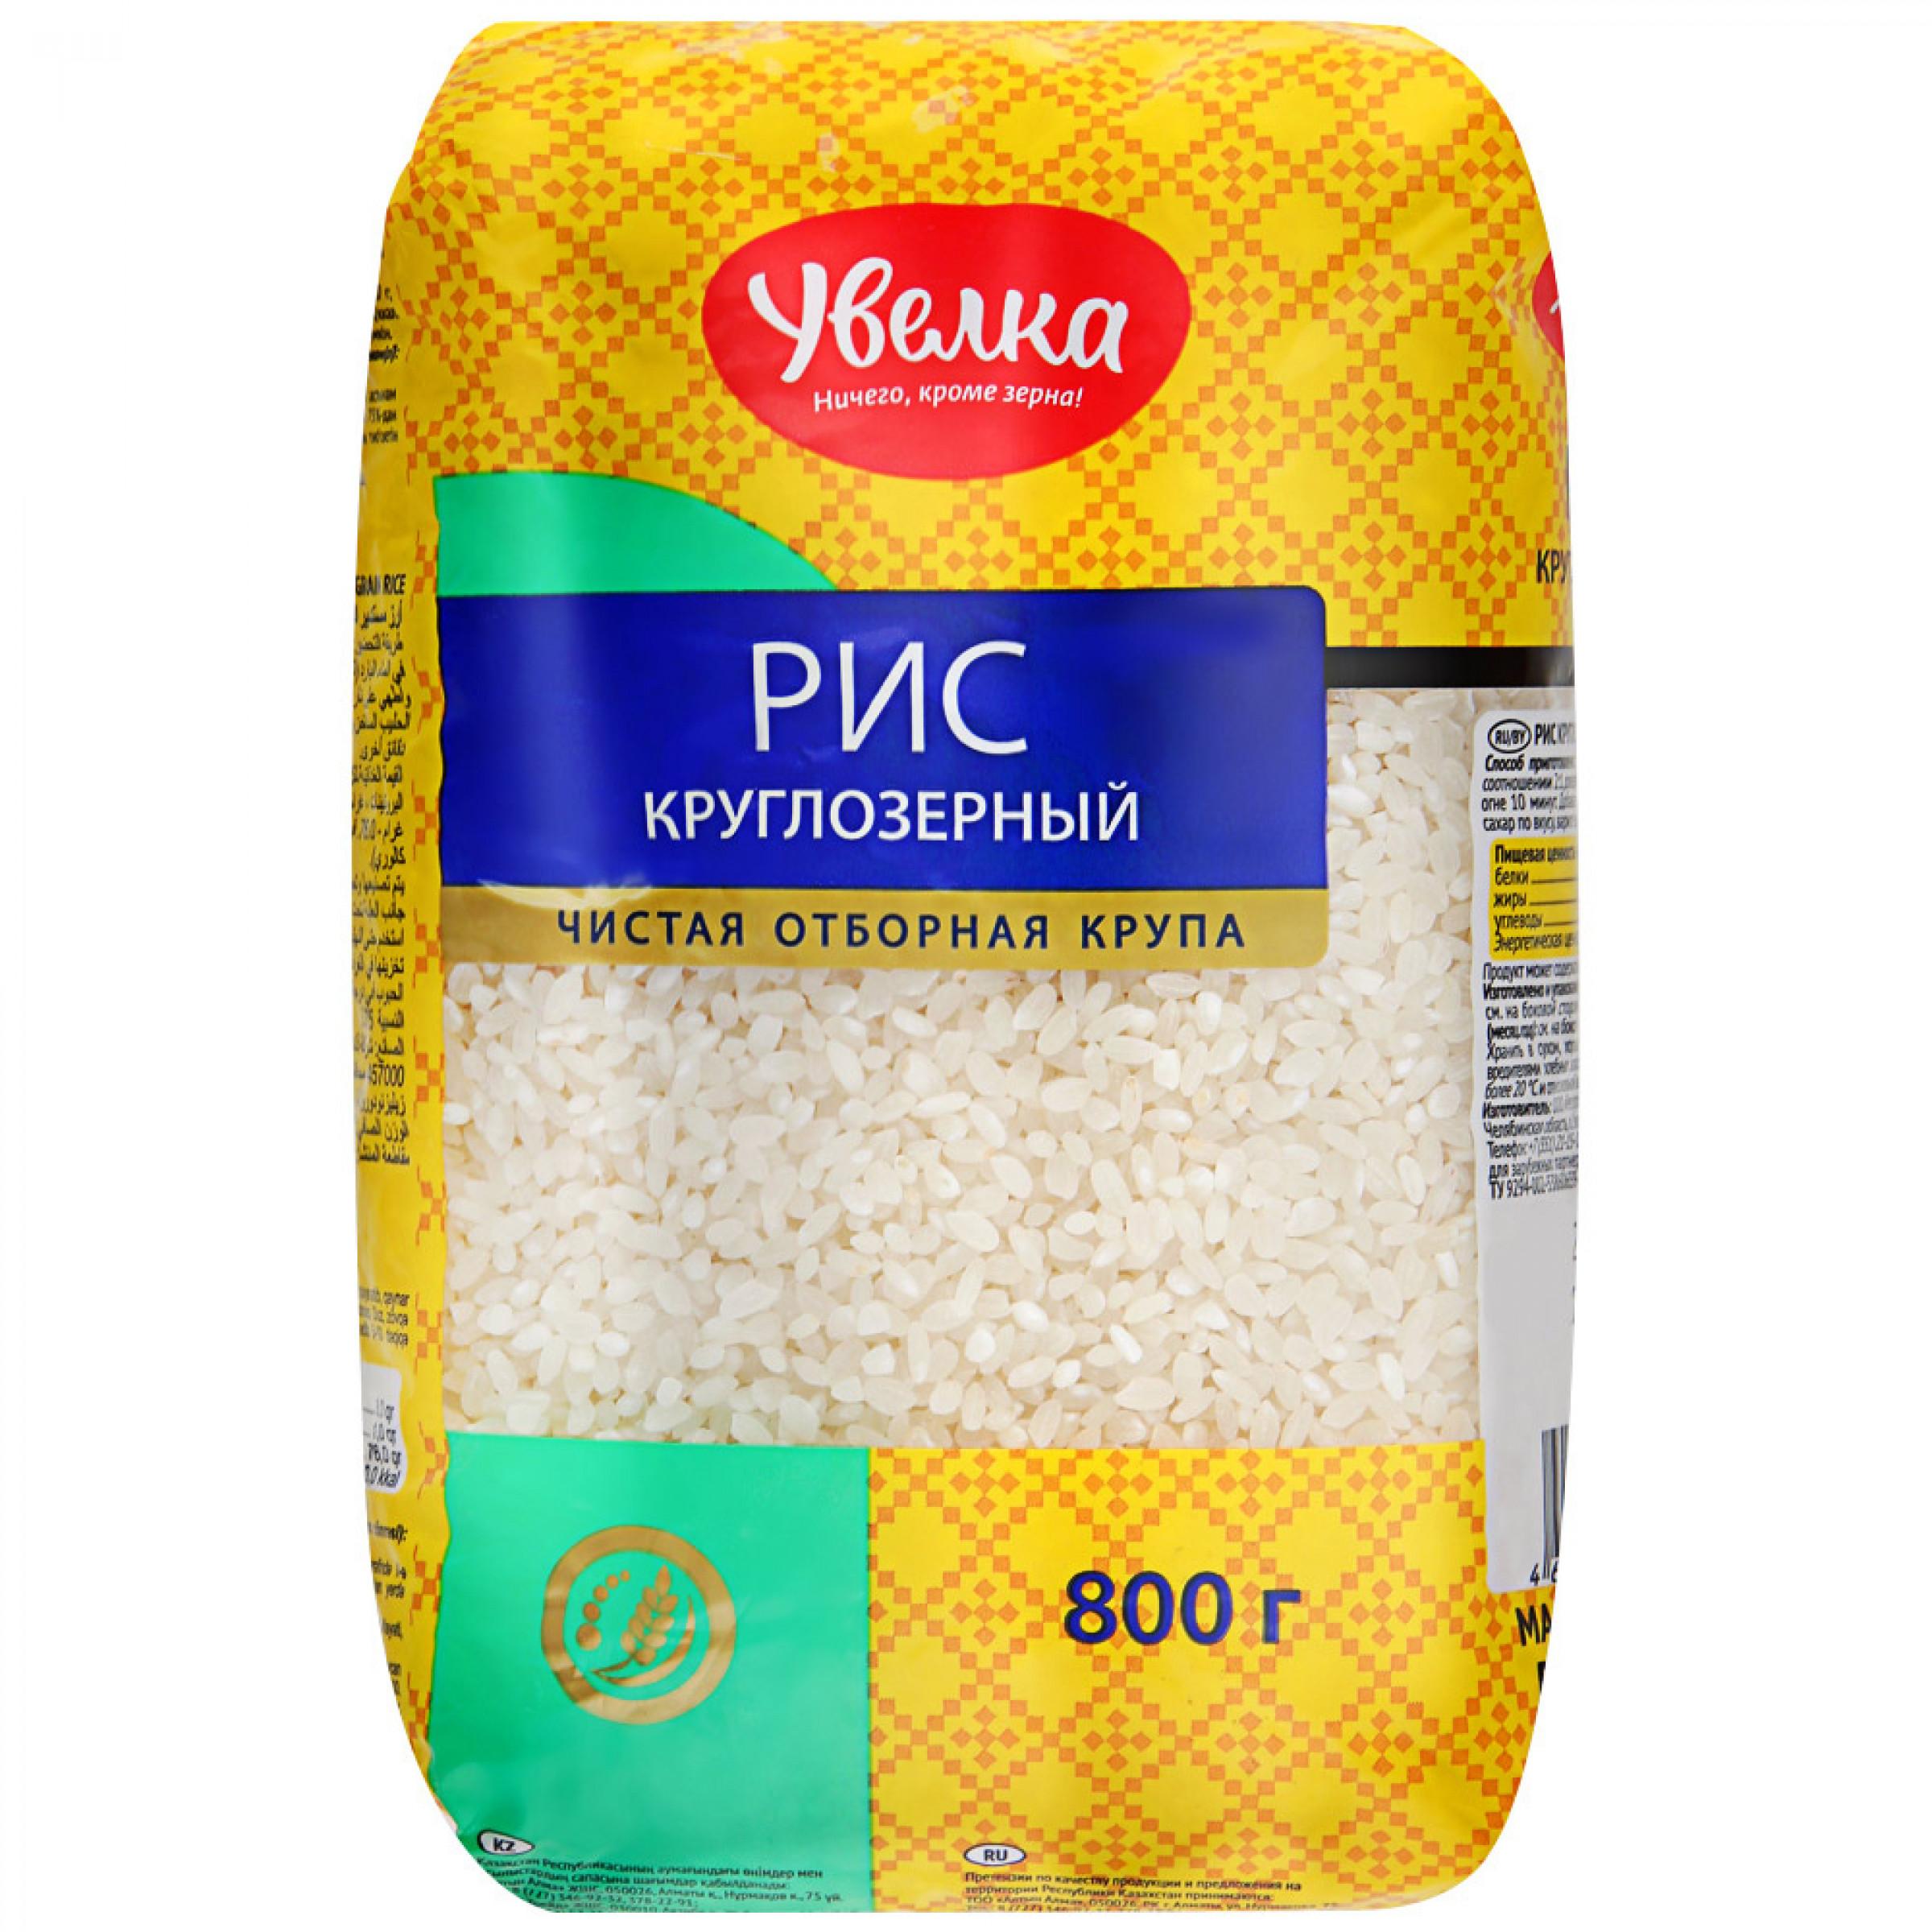 Рис клугрозерный Увелка, 800 гр